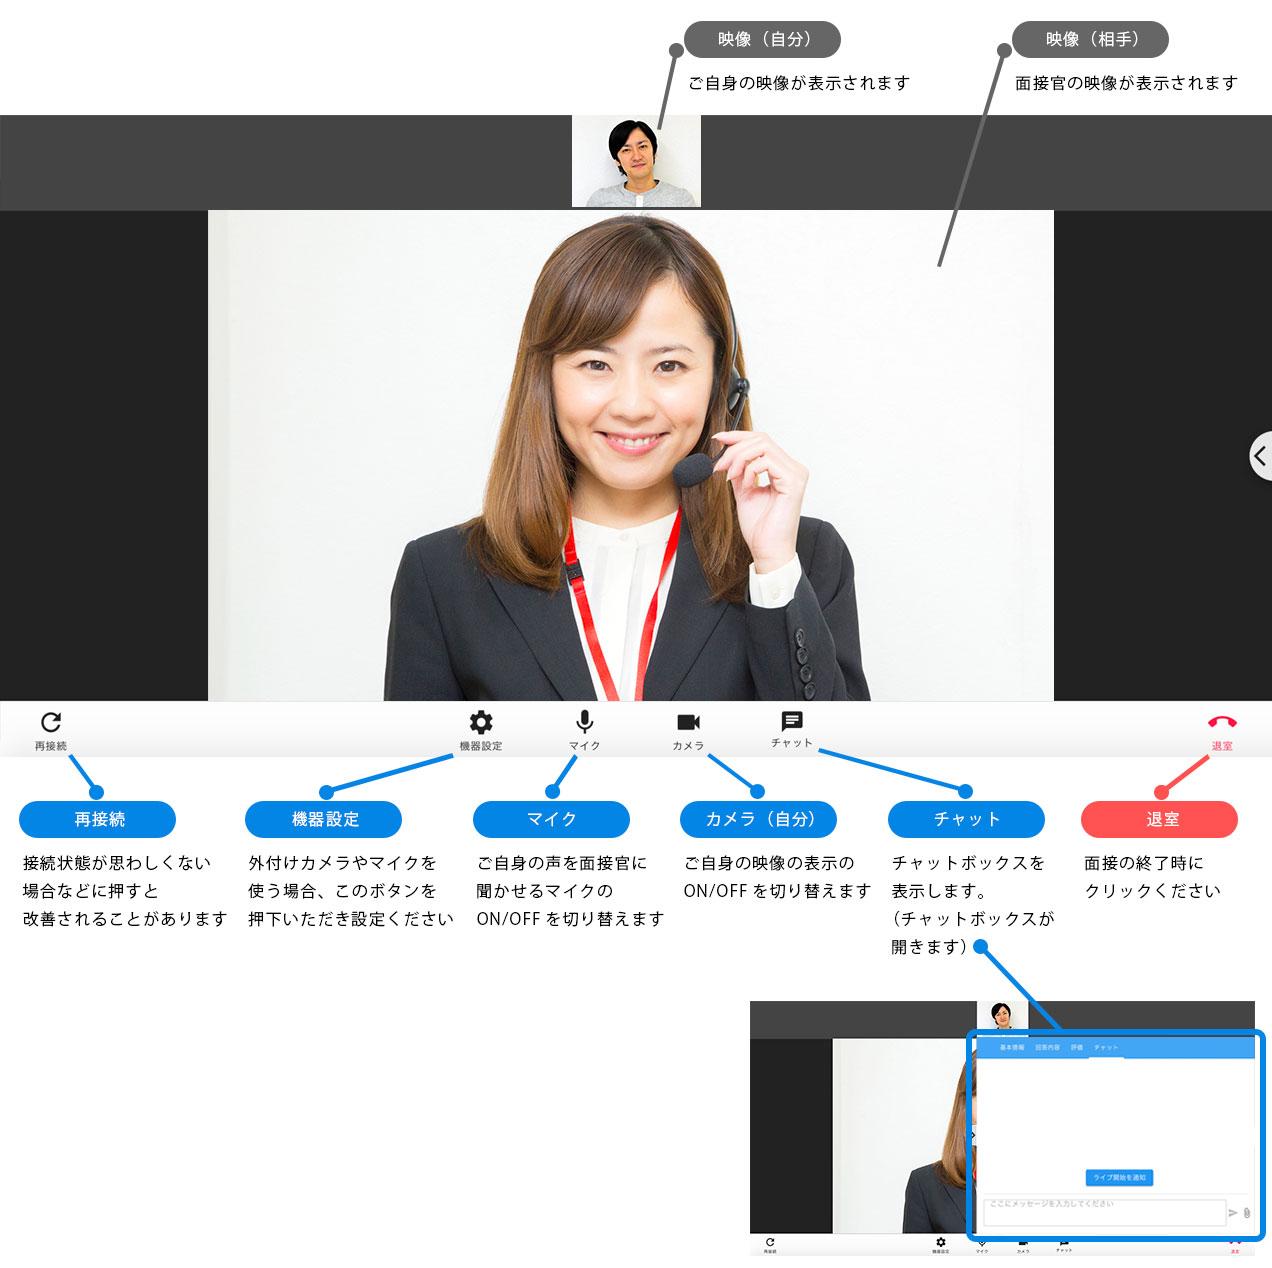 Web面接画面の見方